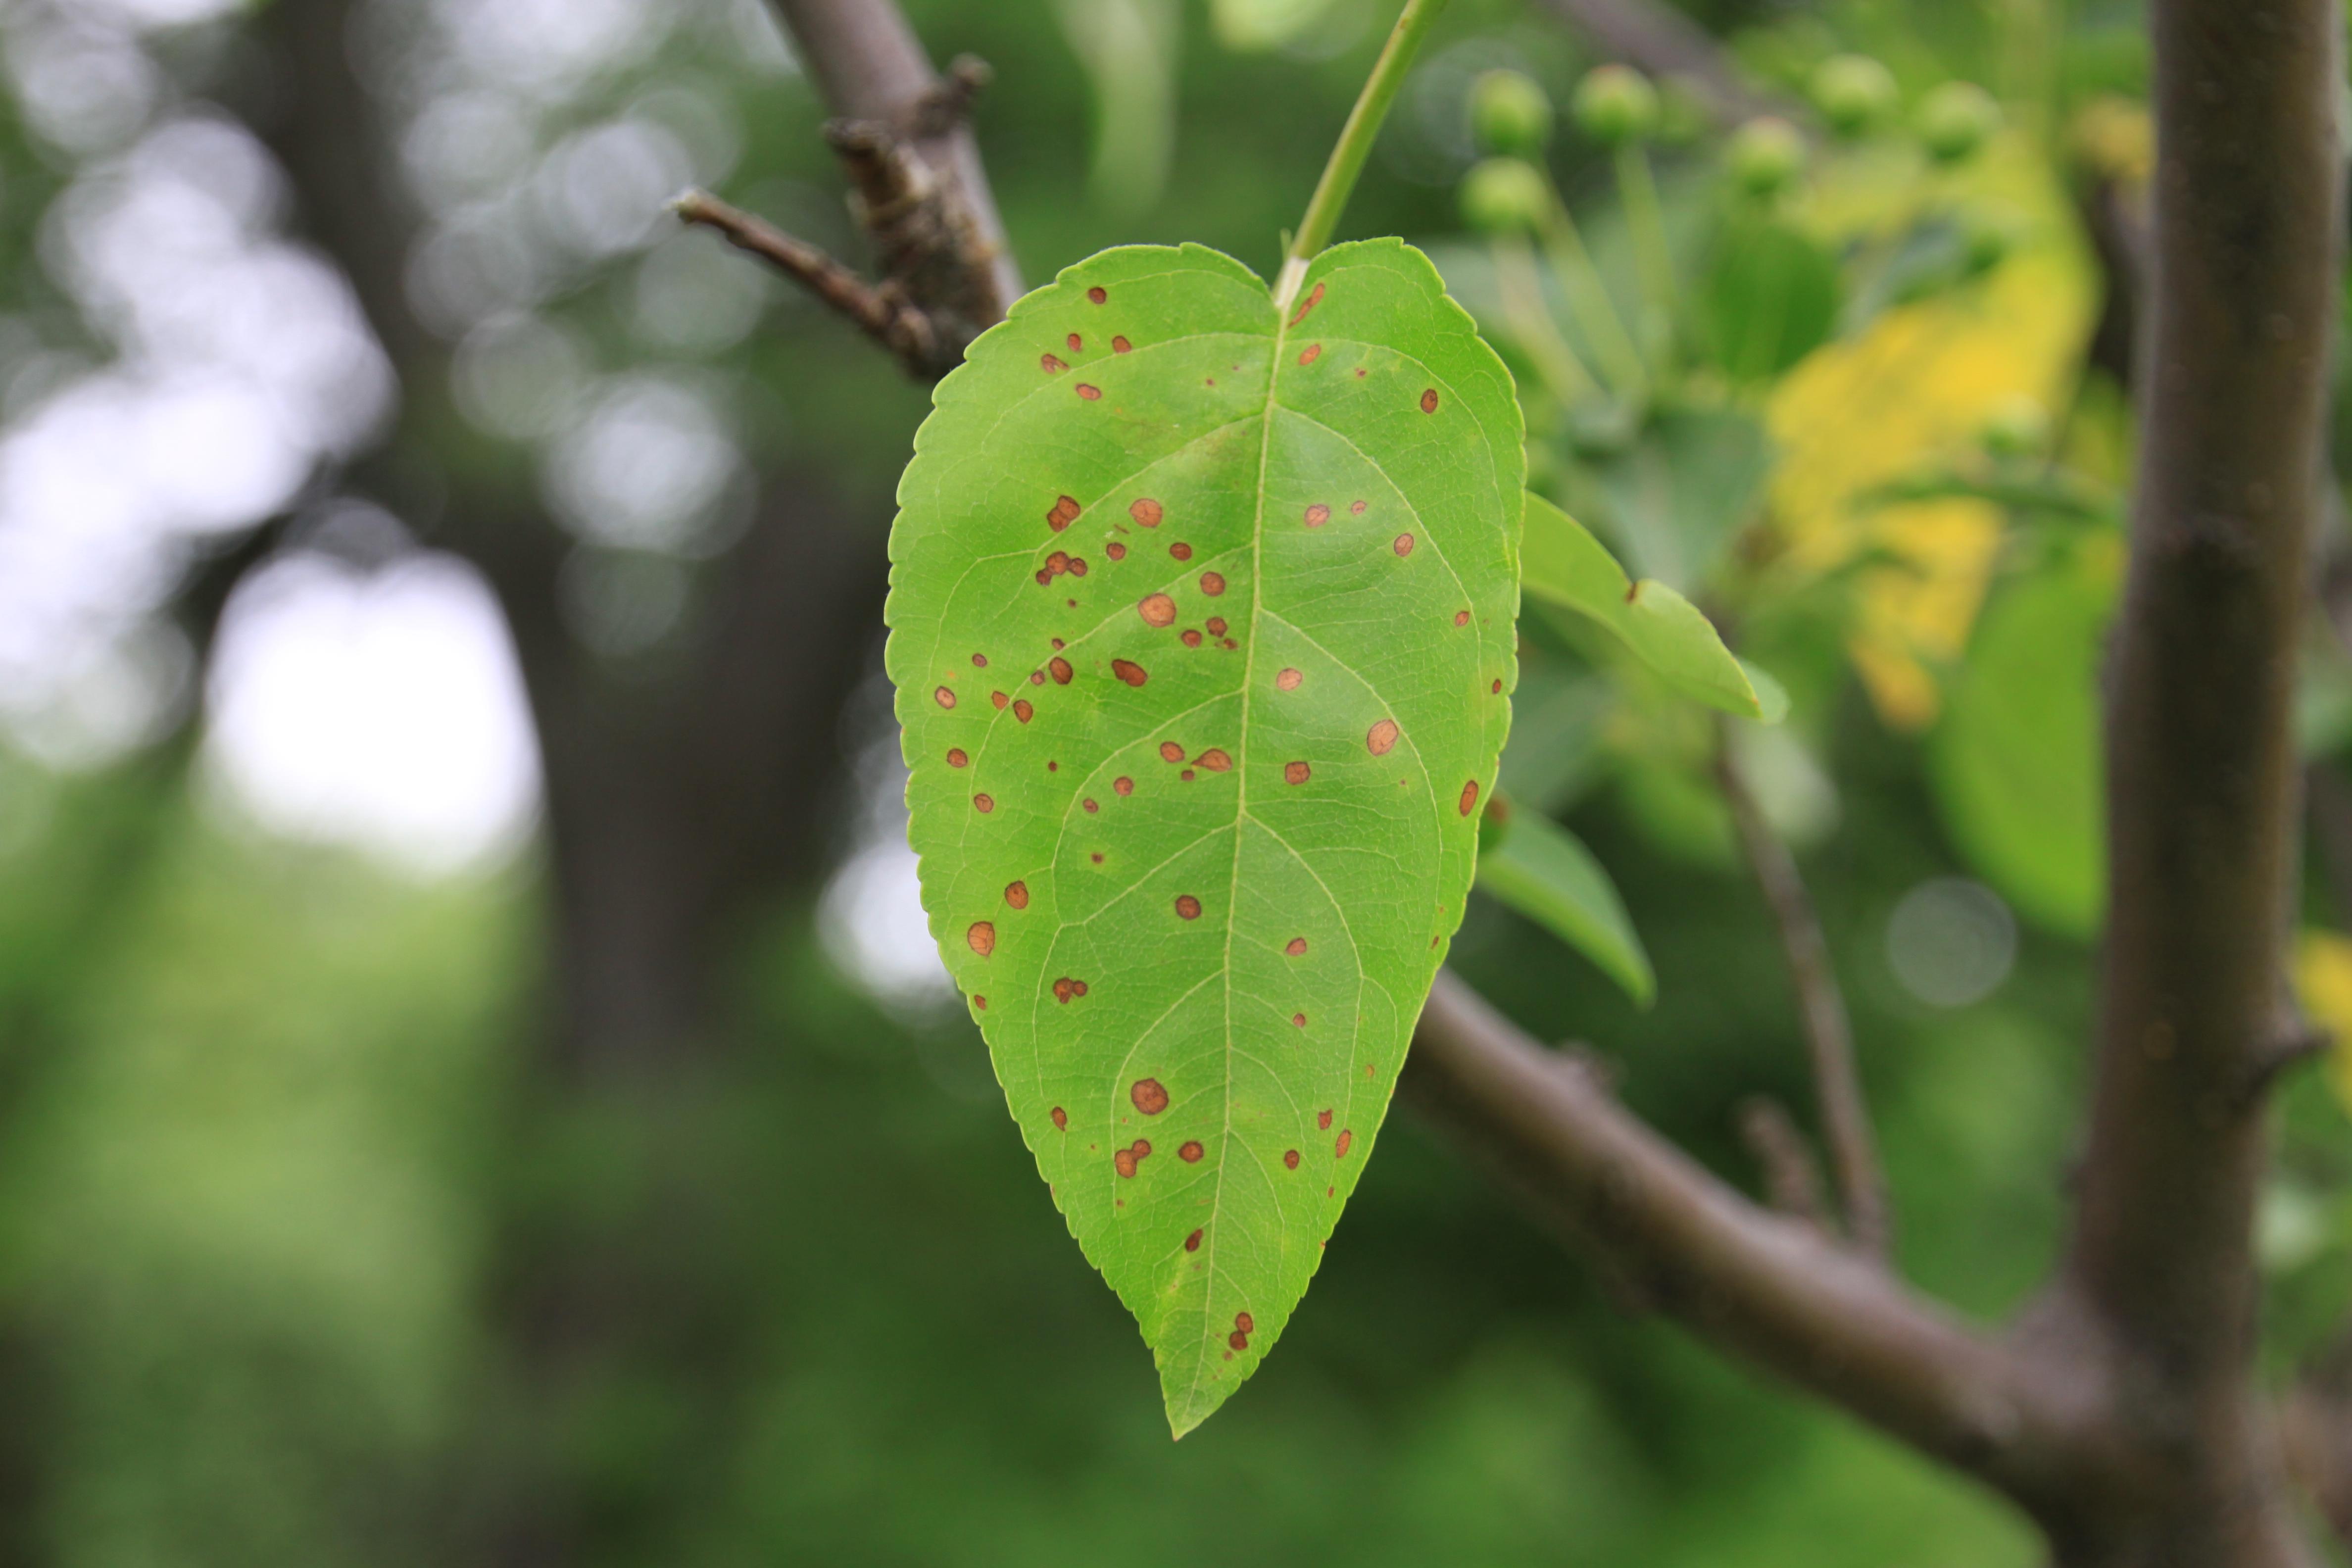 Frogeye leaf spot on crabapple